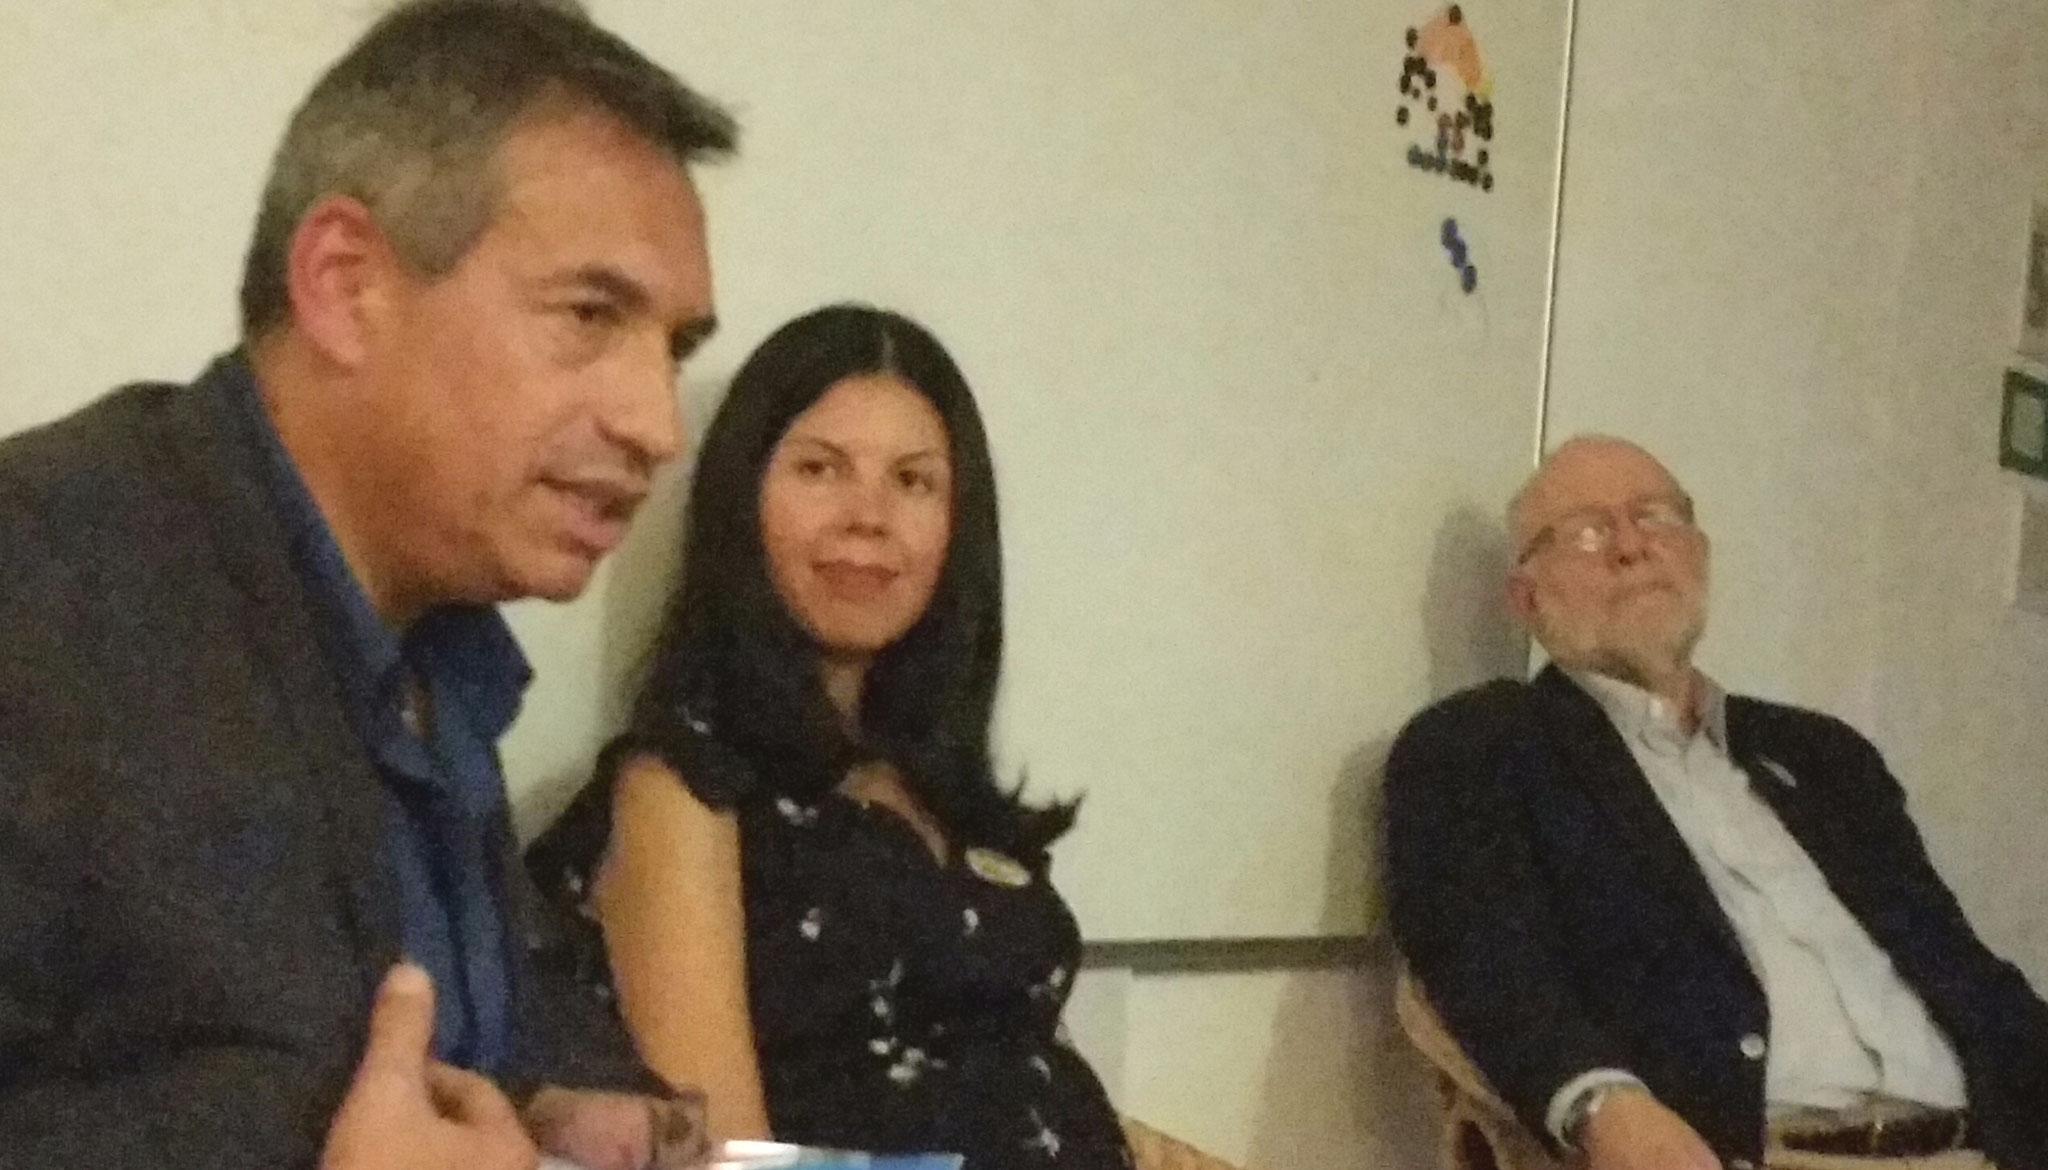 Integrationsforum: Dr. Glenn Koppel, Karina Ausecha und Manuel Miranda